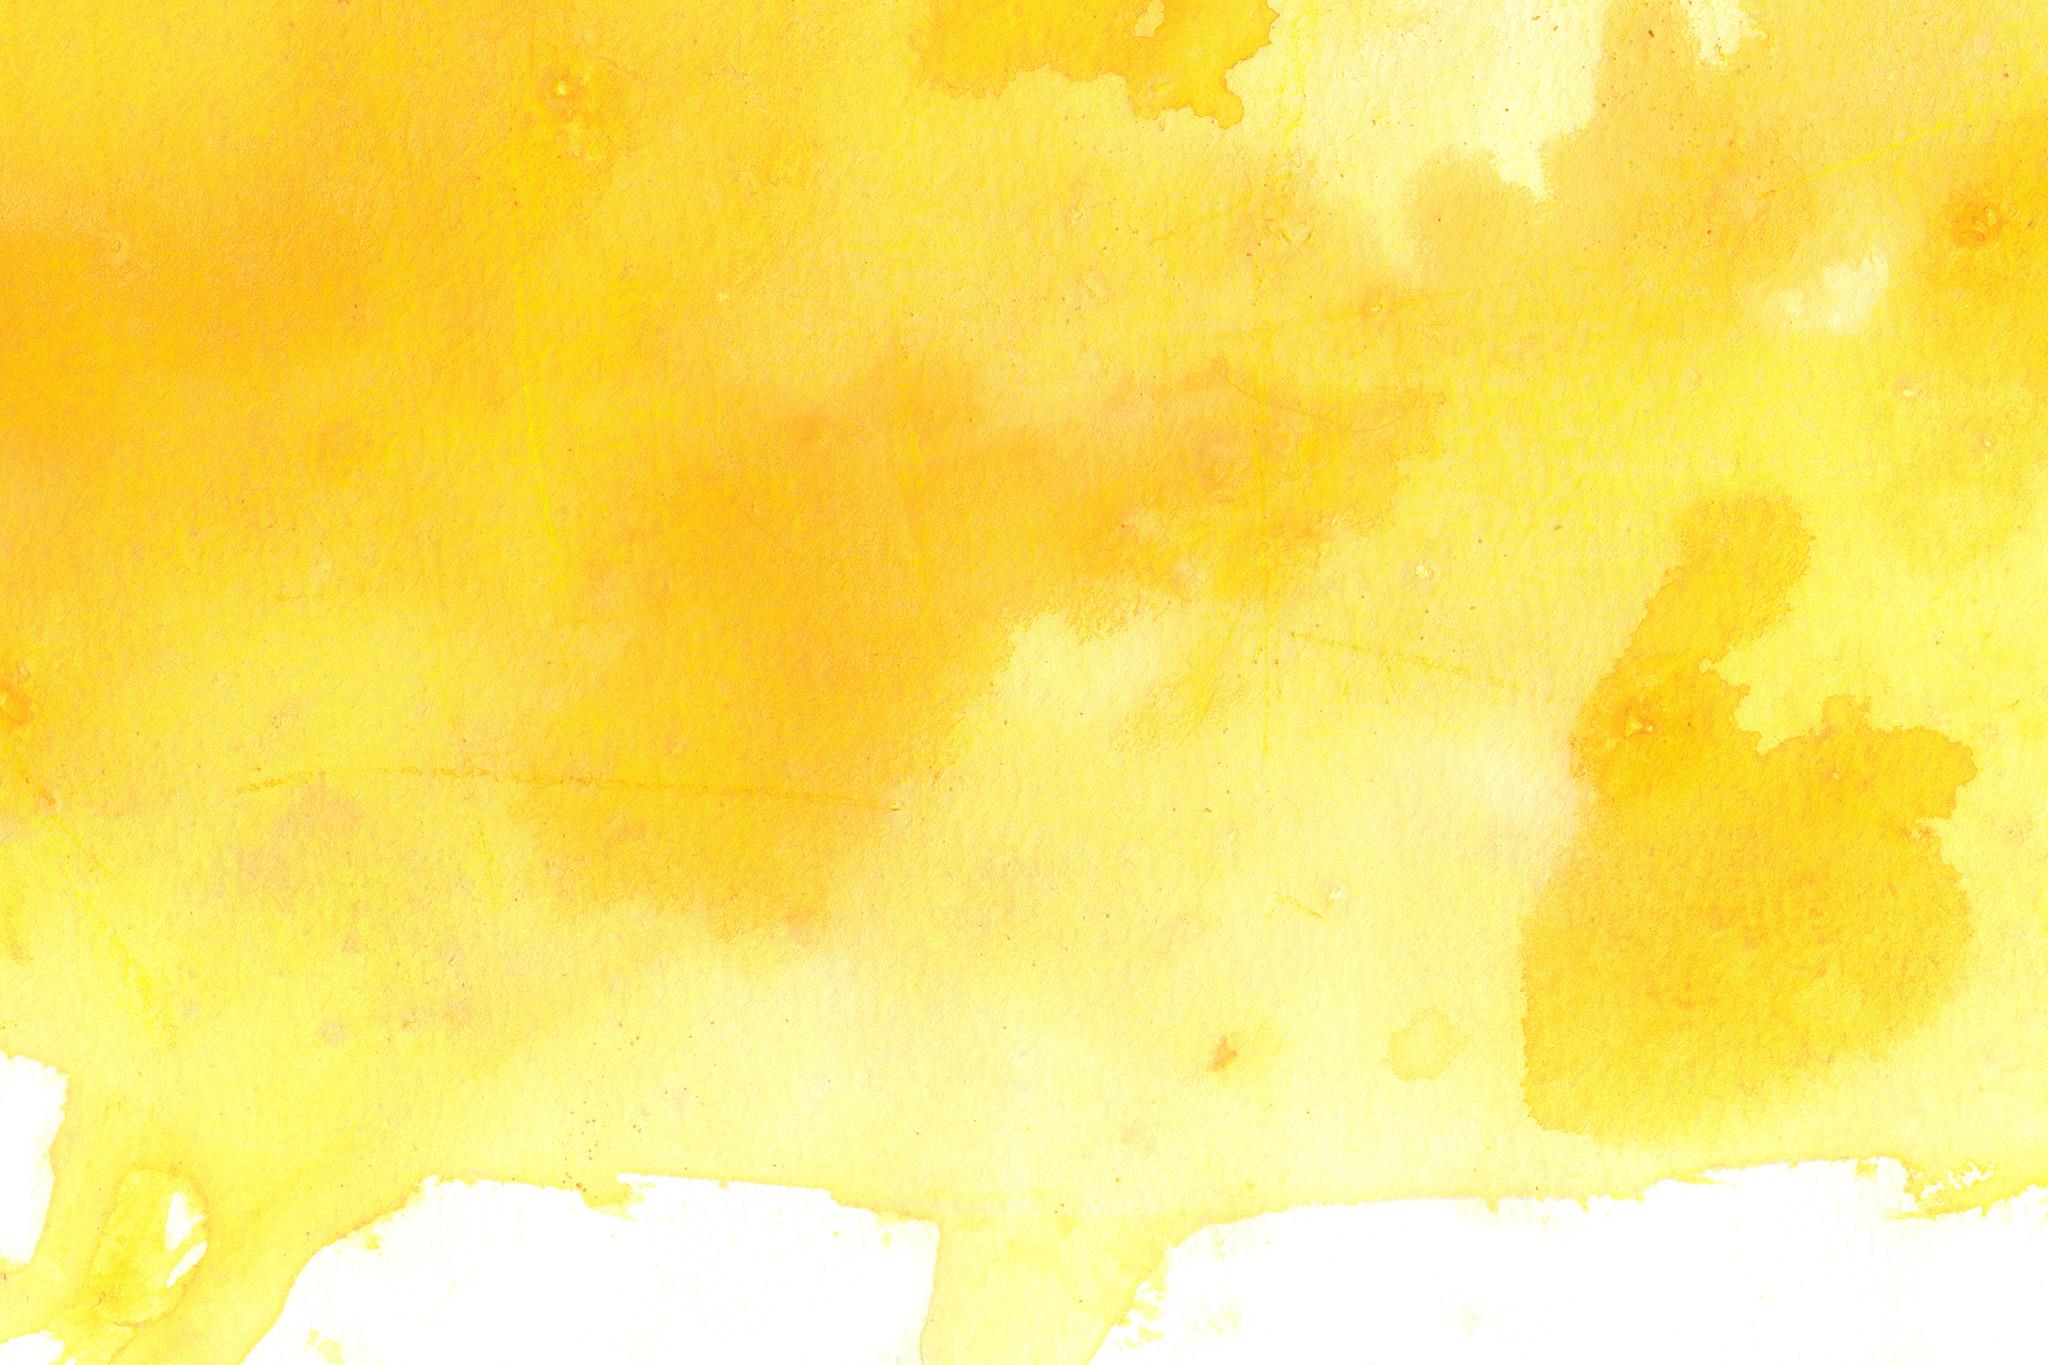 「濃淡のあるクロムイエローの水彩」の素材を無料ダウンロード